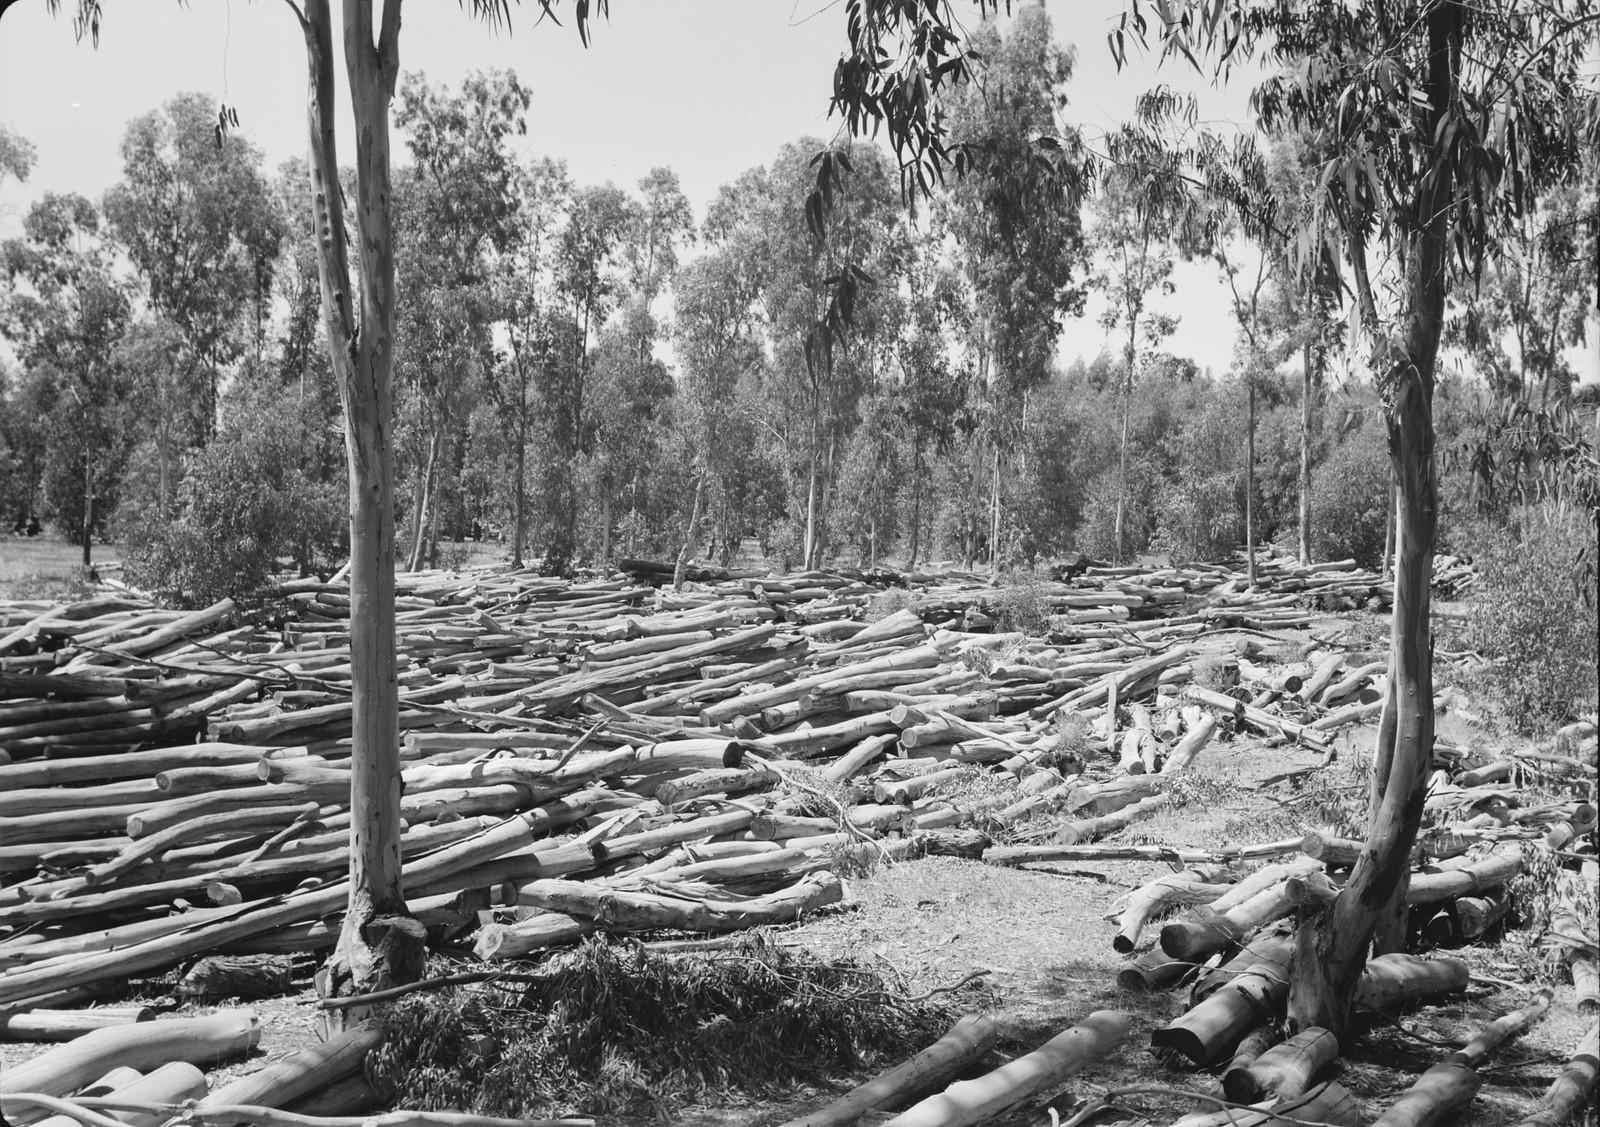 02. Масса стволов деревьев подсыхает перед распиловкой на доски